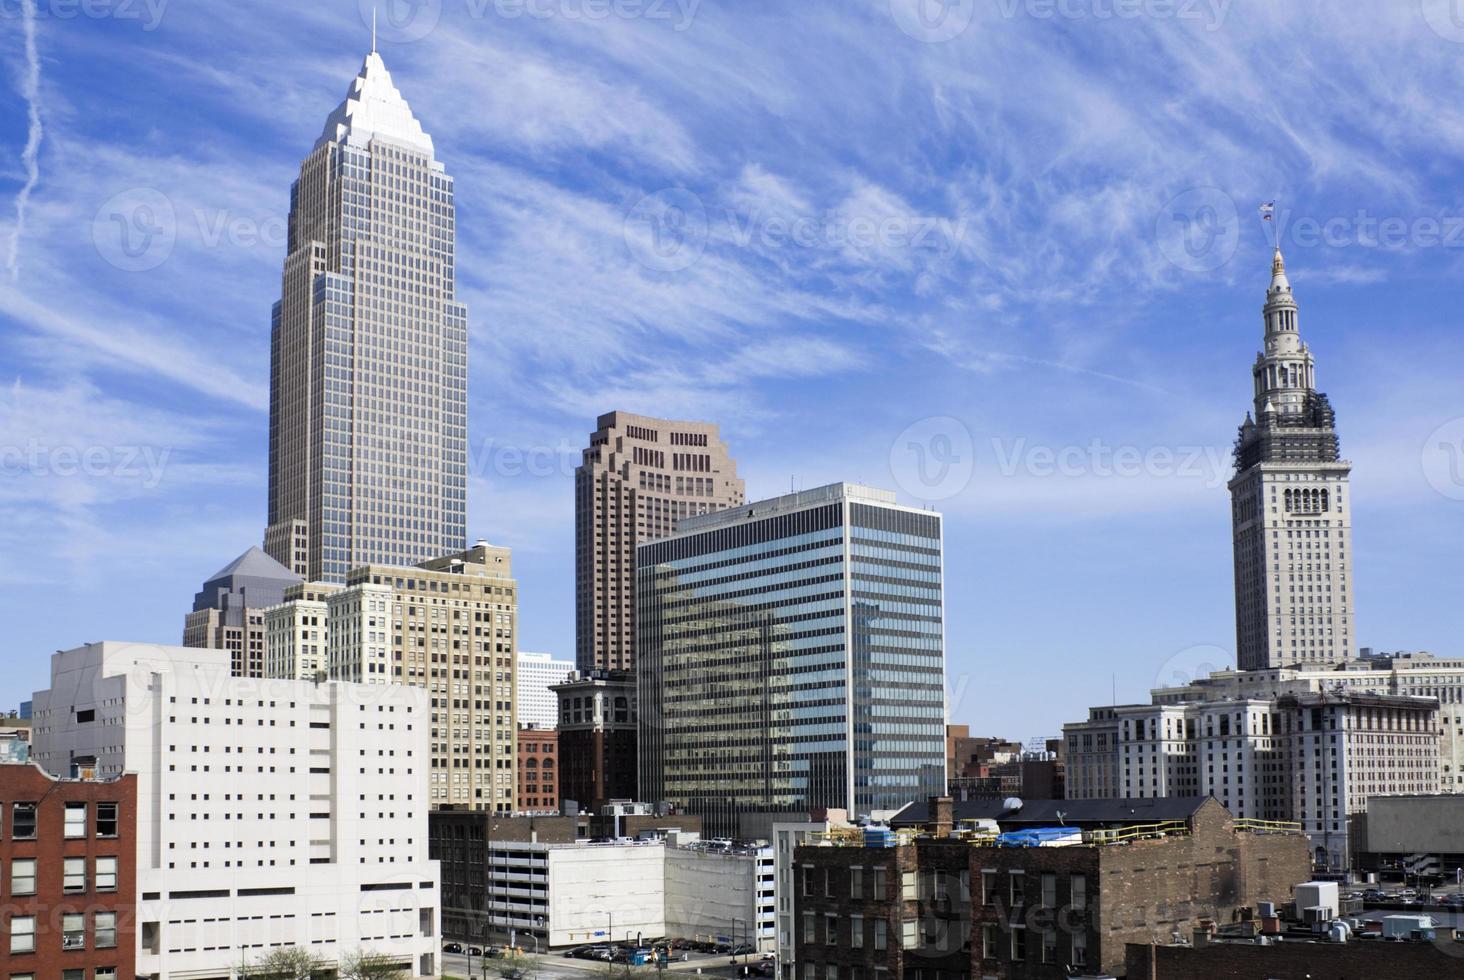 Wolkenkratzer in der Innenstadt von Cleveland foto